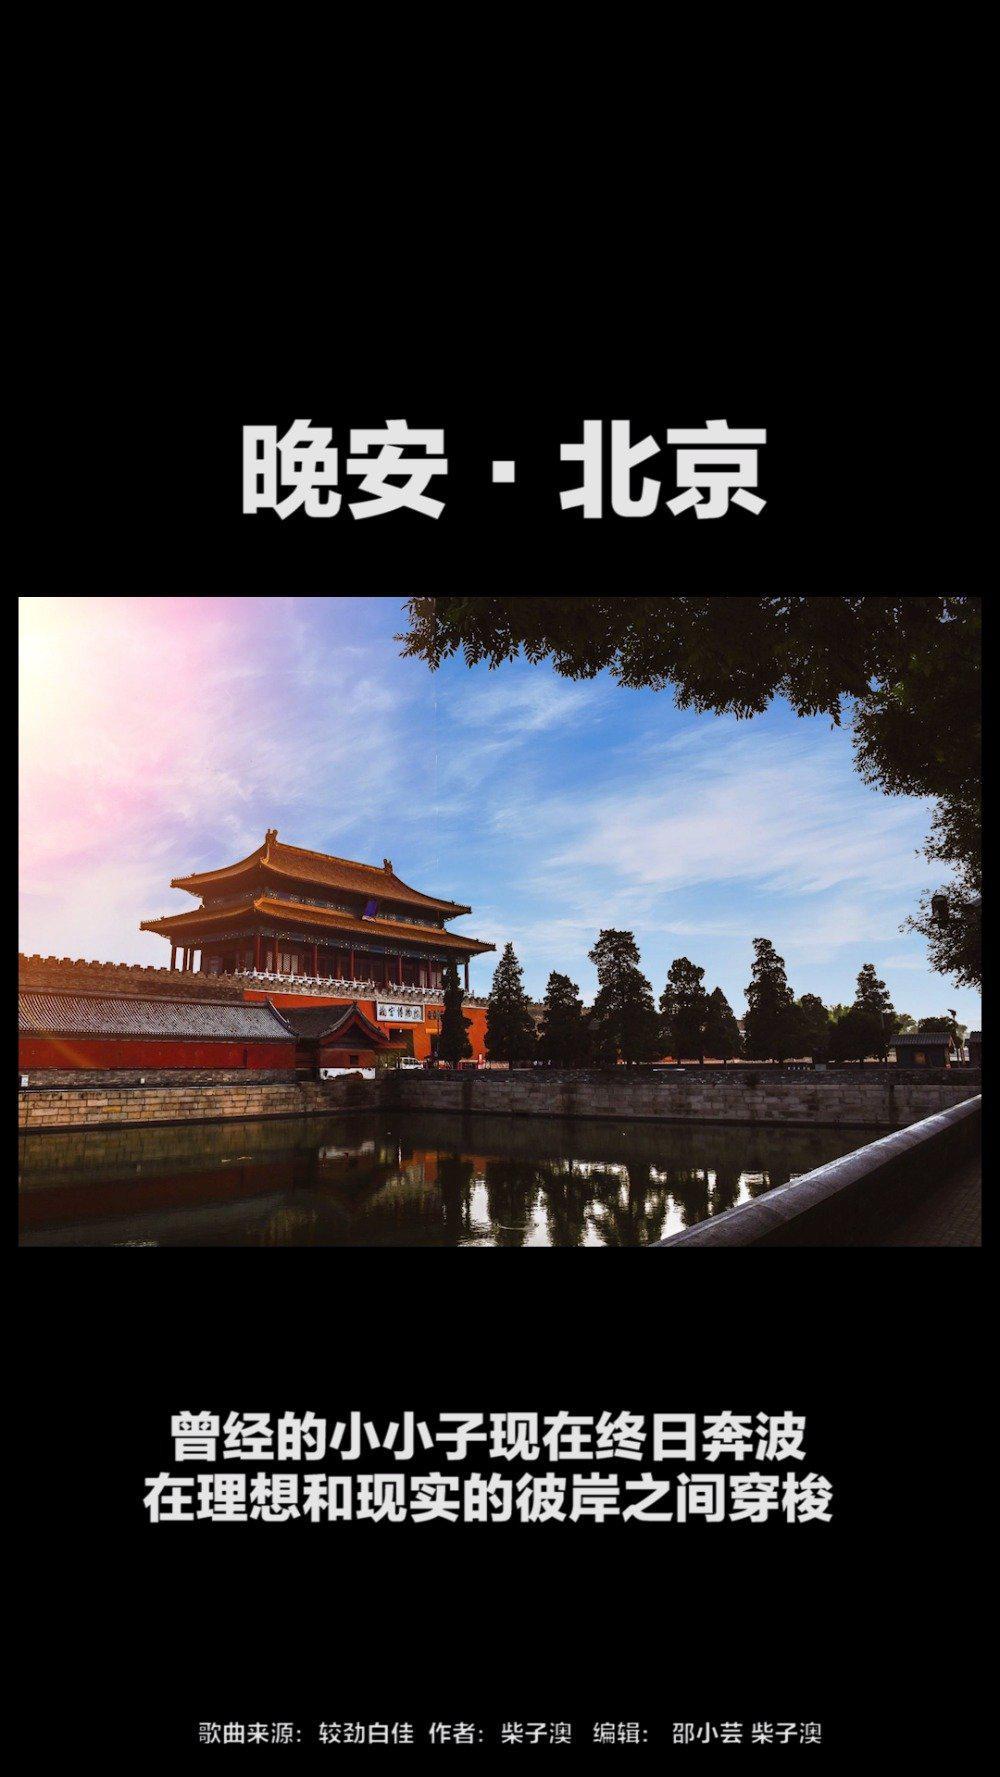 晚安北京 |愿那些薪火相传的火种能够再次点亮你心中的灯盏